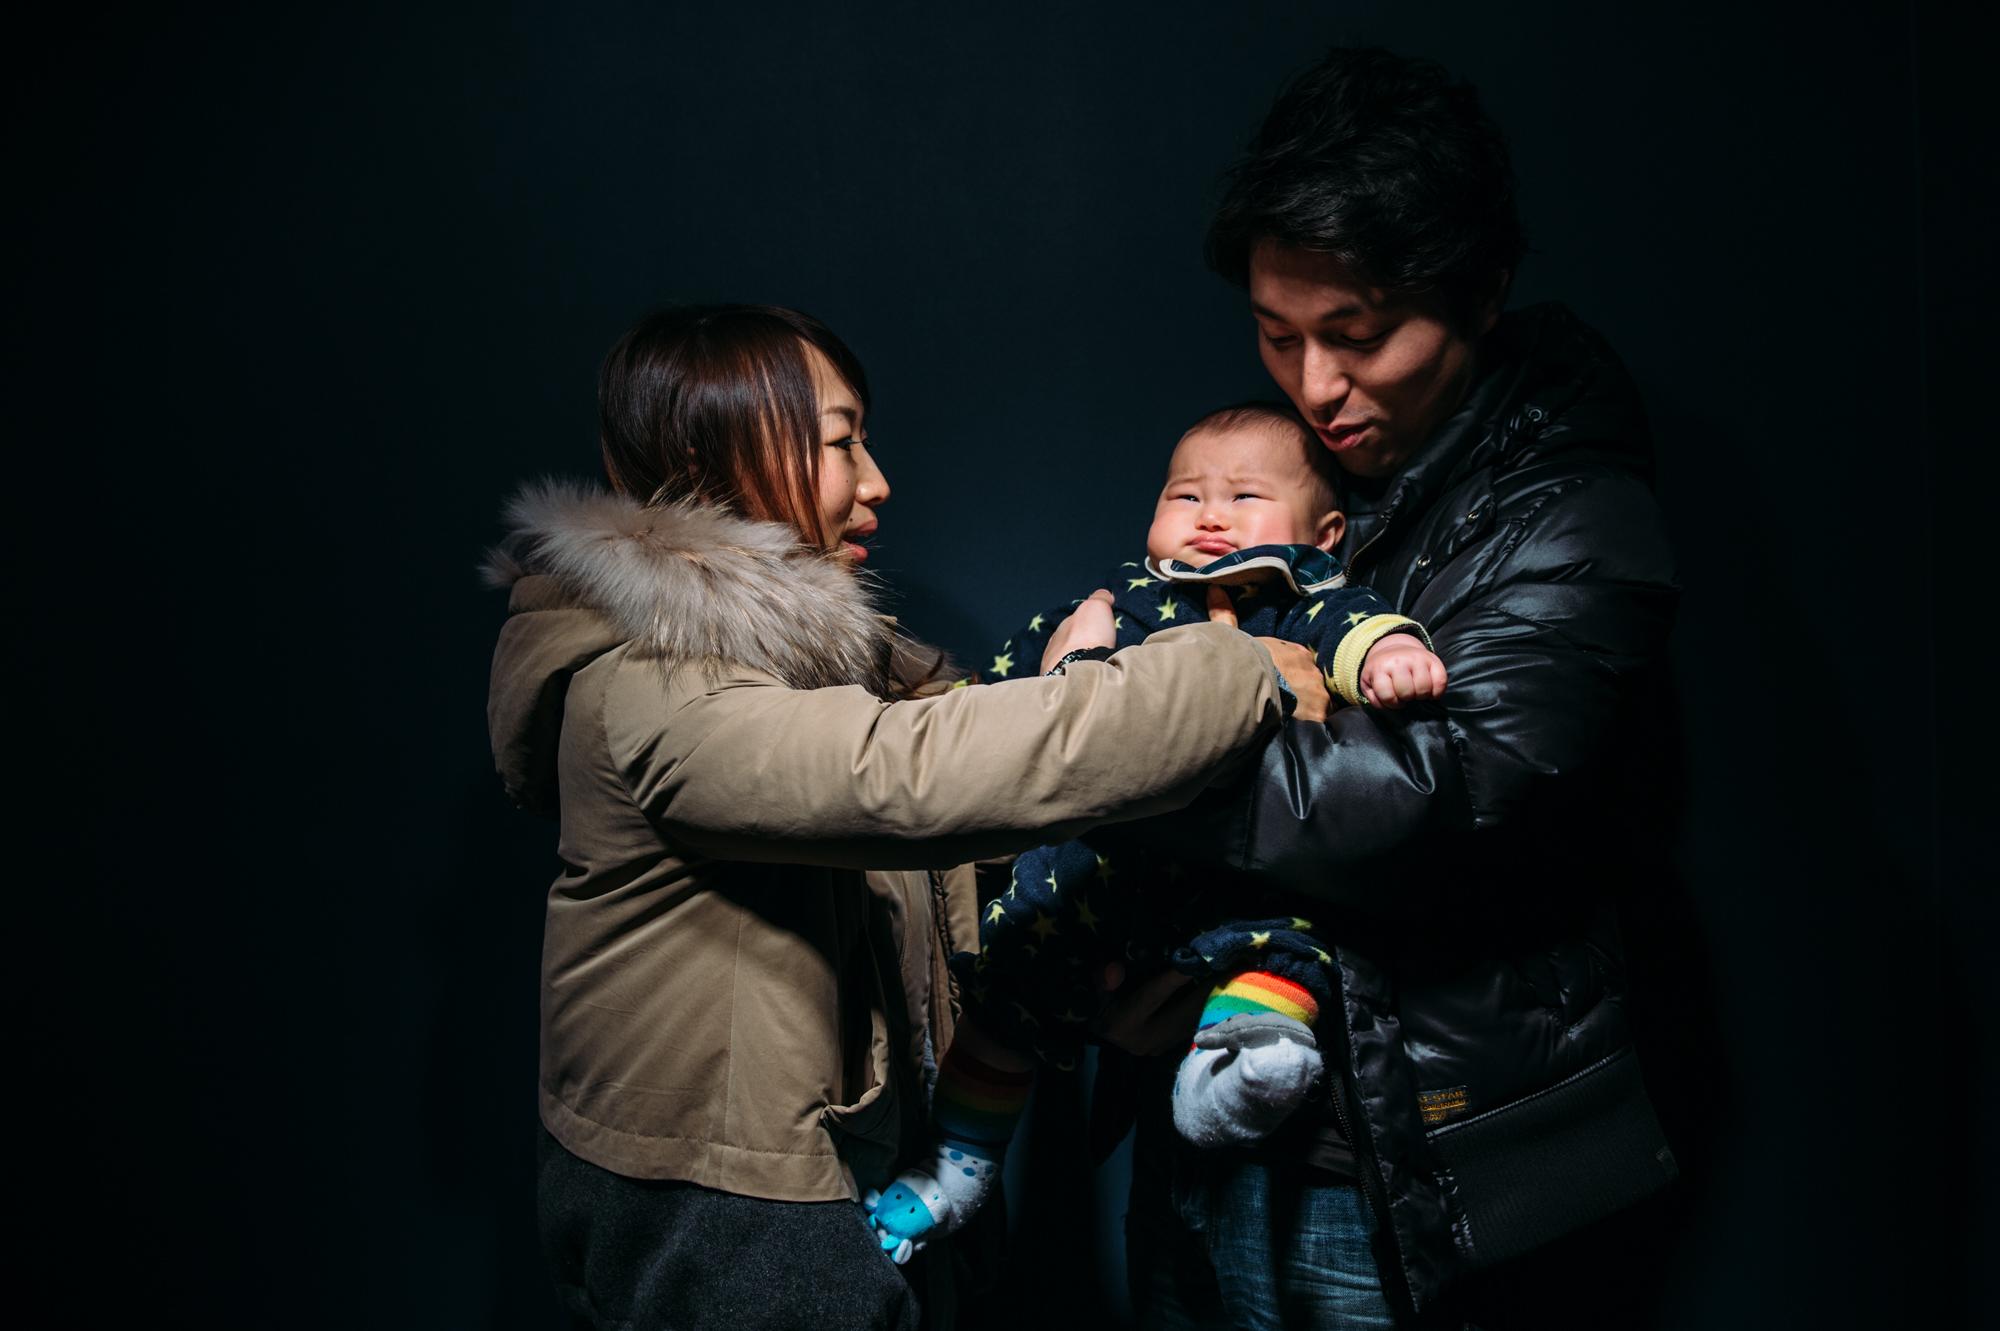 baby portrait43